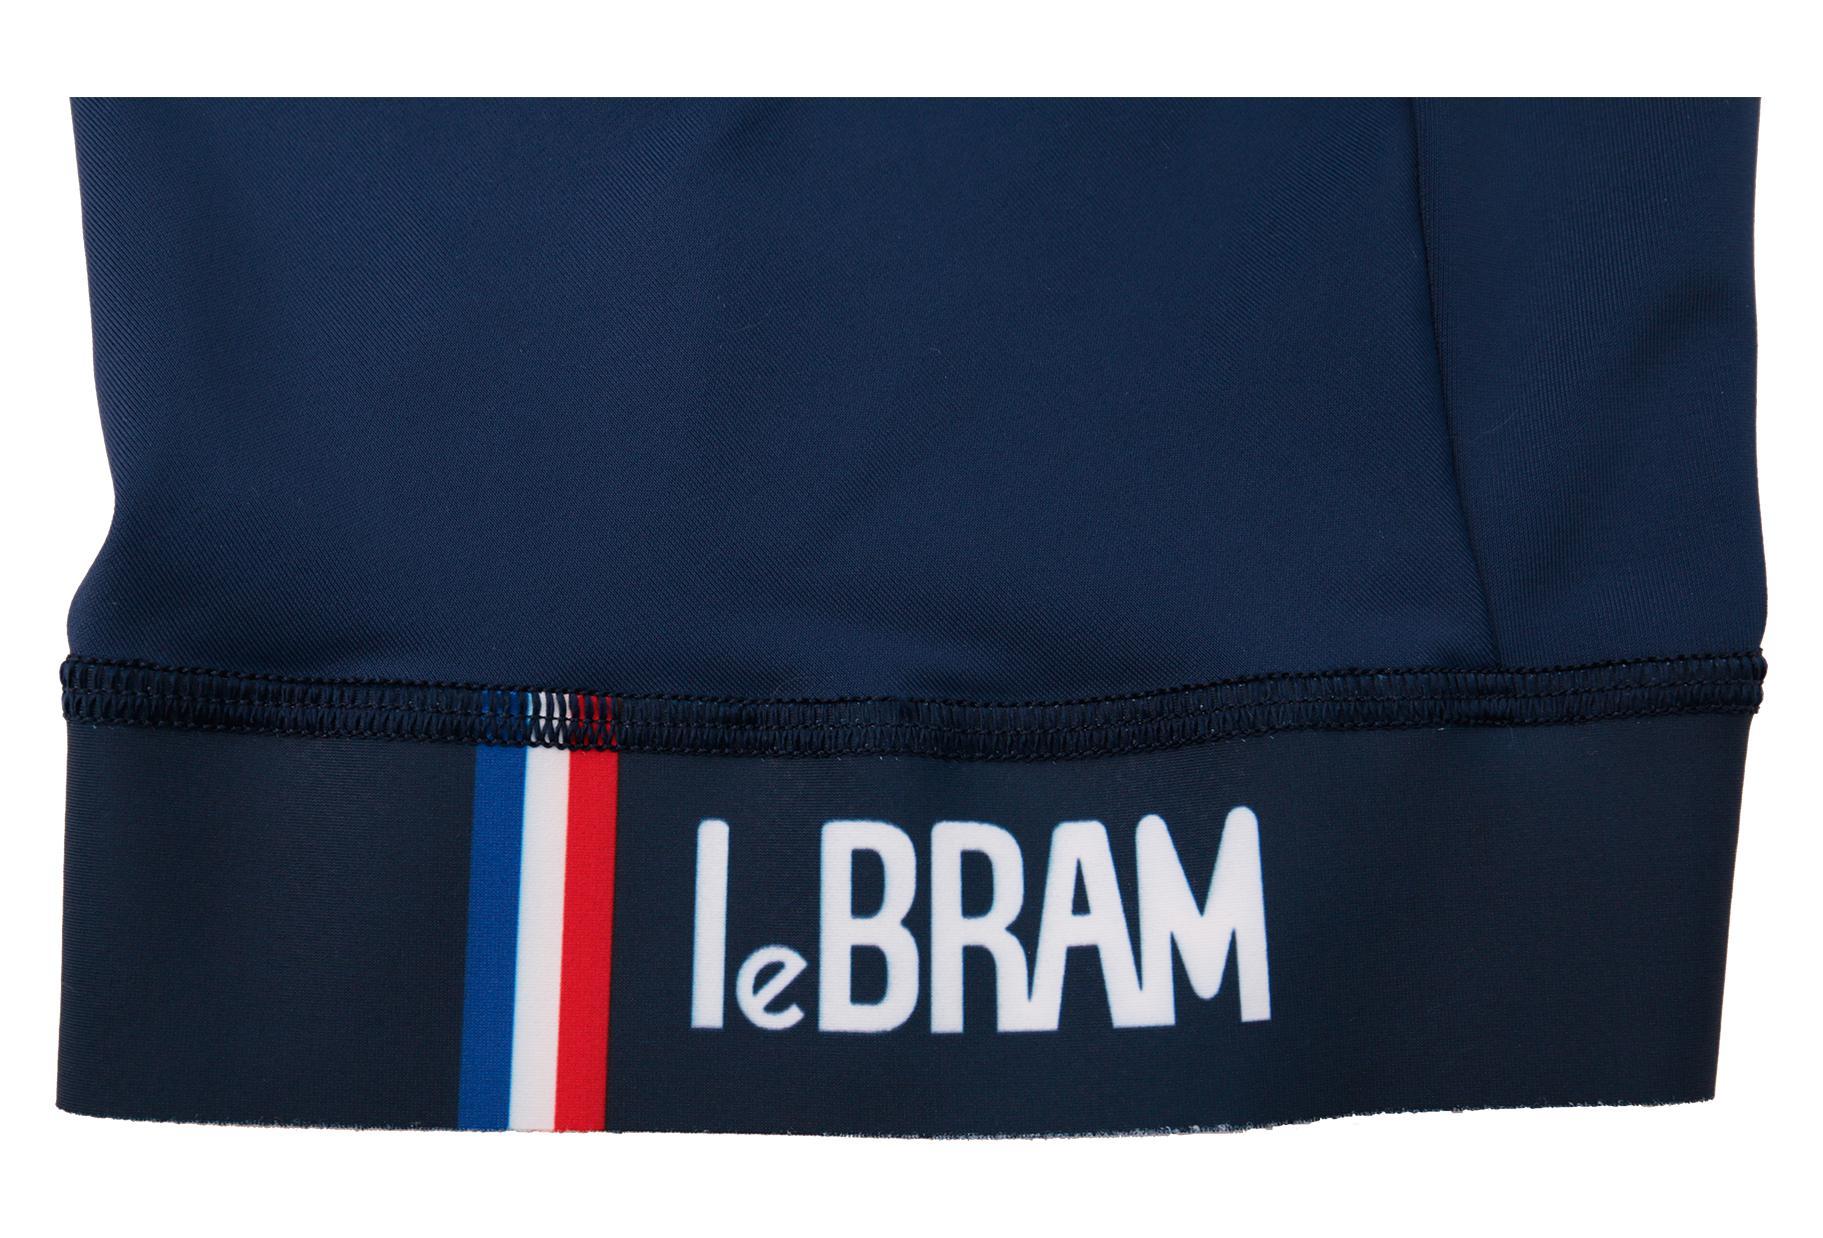 202009_LEBRAM_AGNEL_COMP_BLEU_7